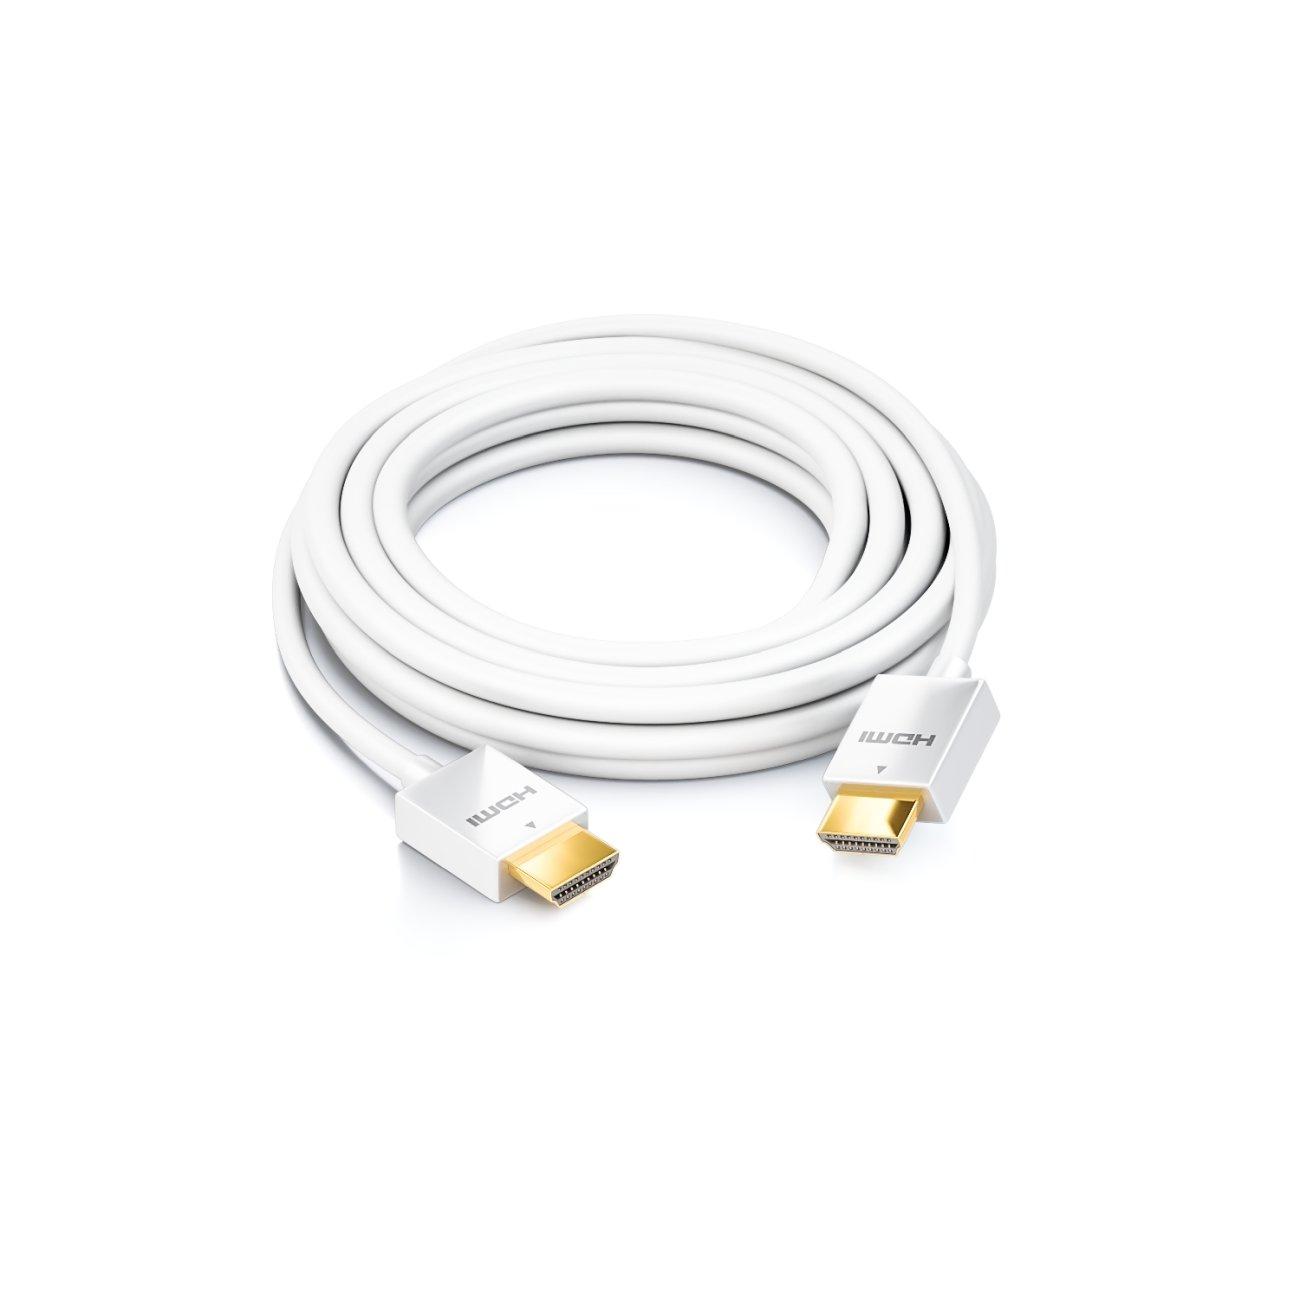 deleyCON Cable HDMI 1,5m delgado muy rápido Ethernet (nuevo estándar) 3D 4K SUPER flexible Blanco: Amazon.es: Electrónica